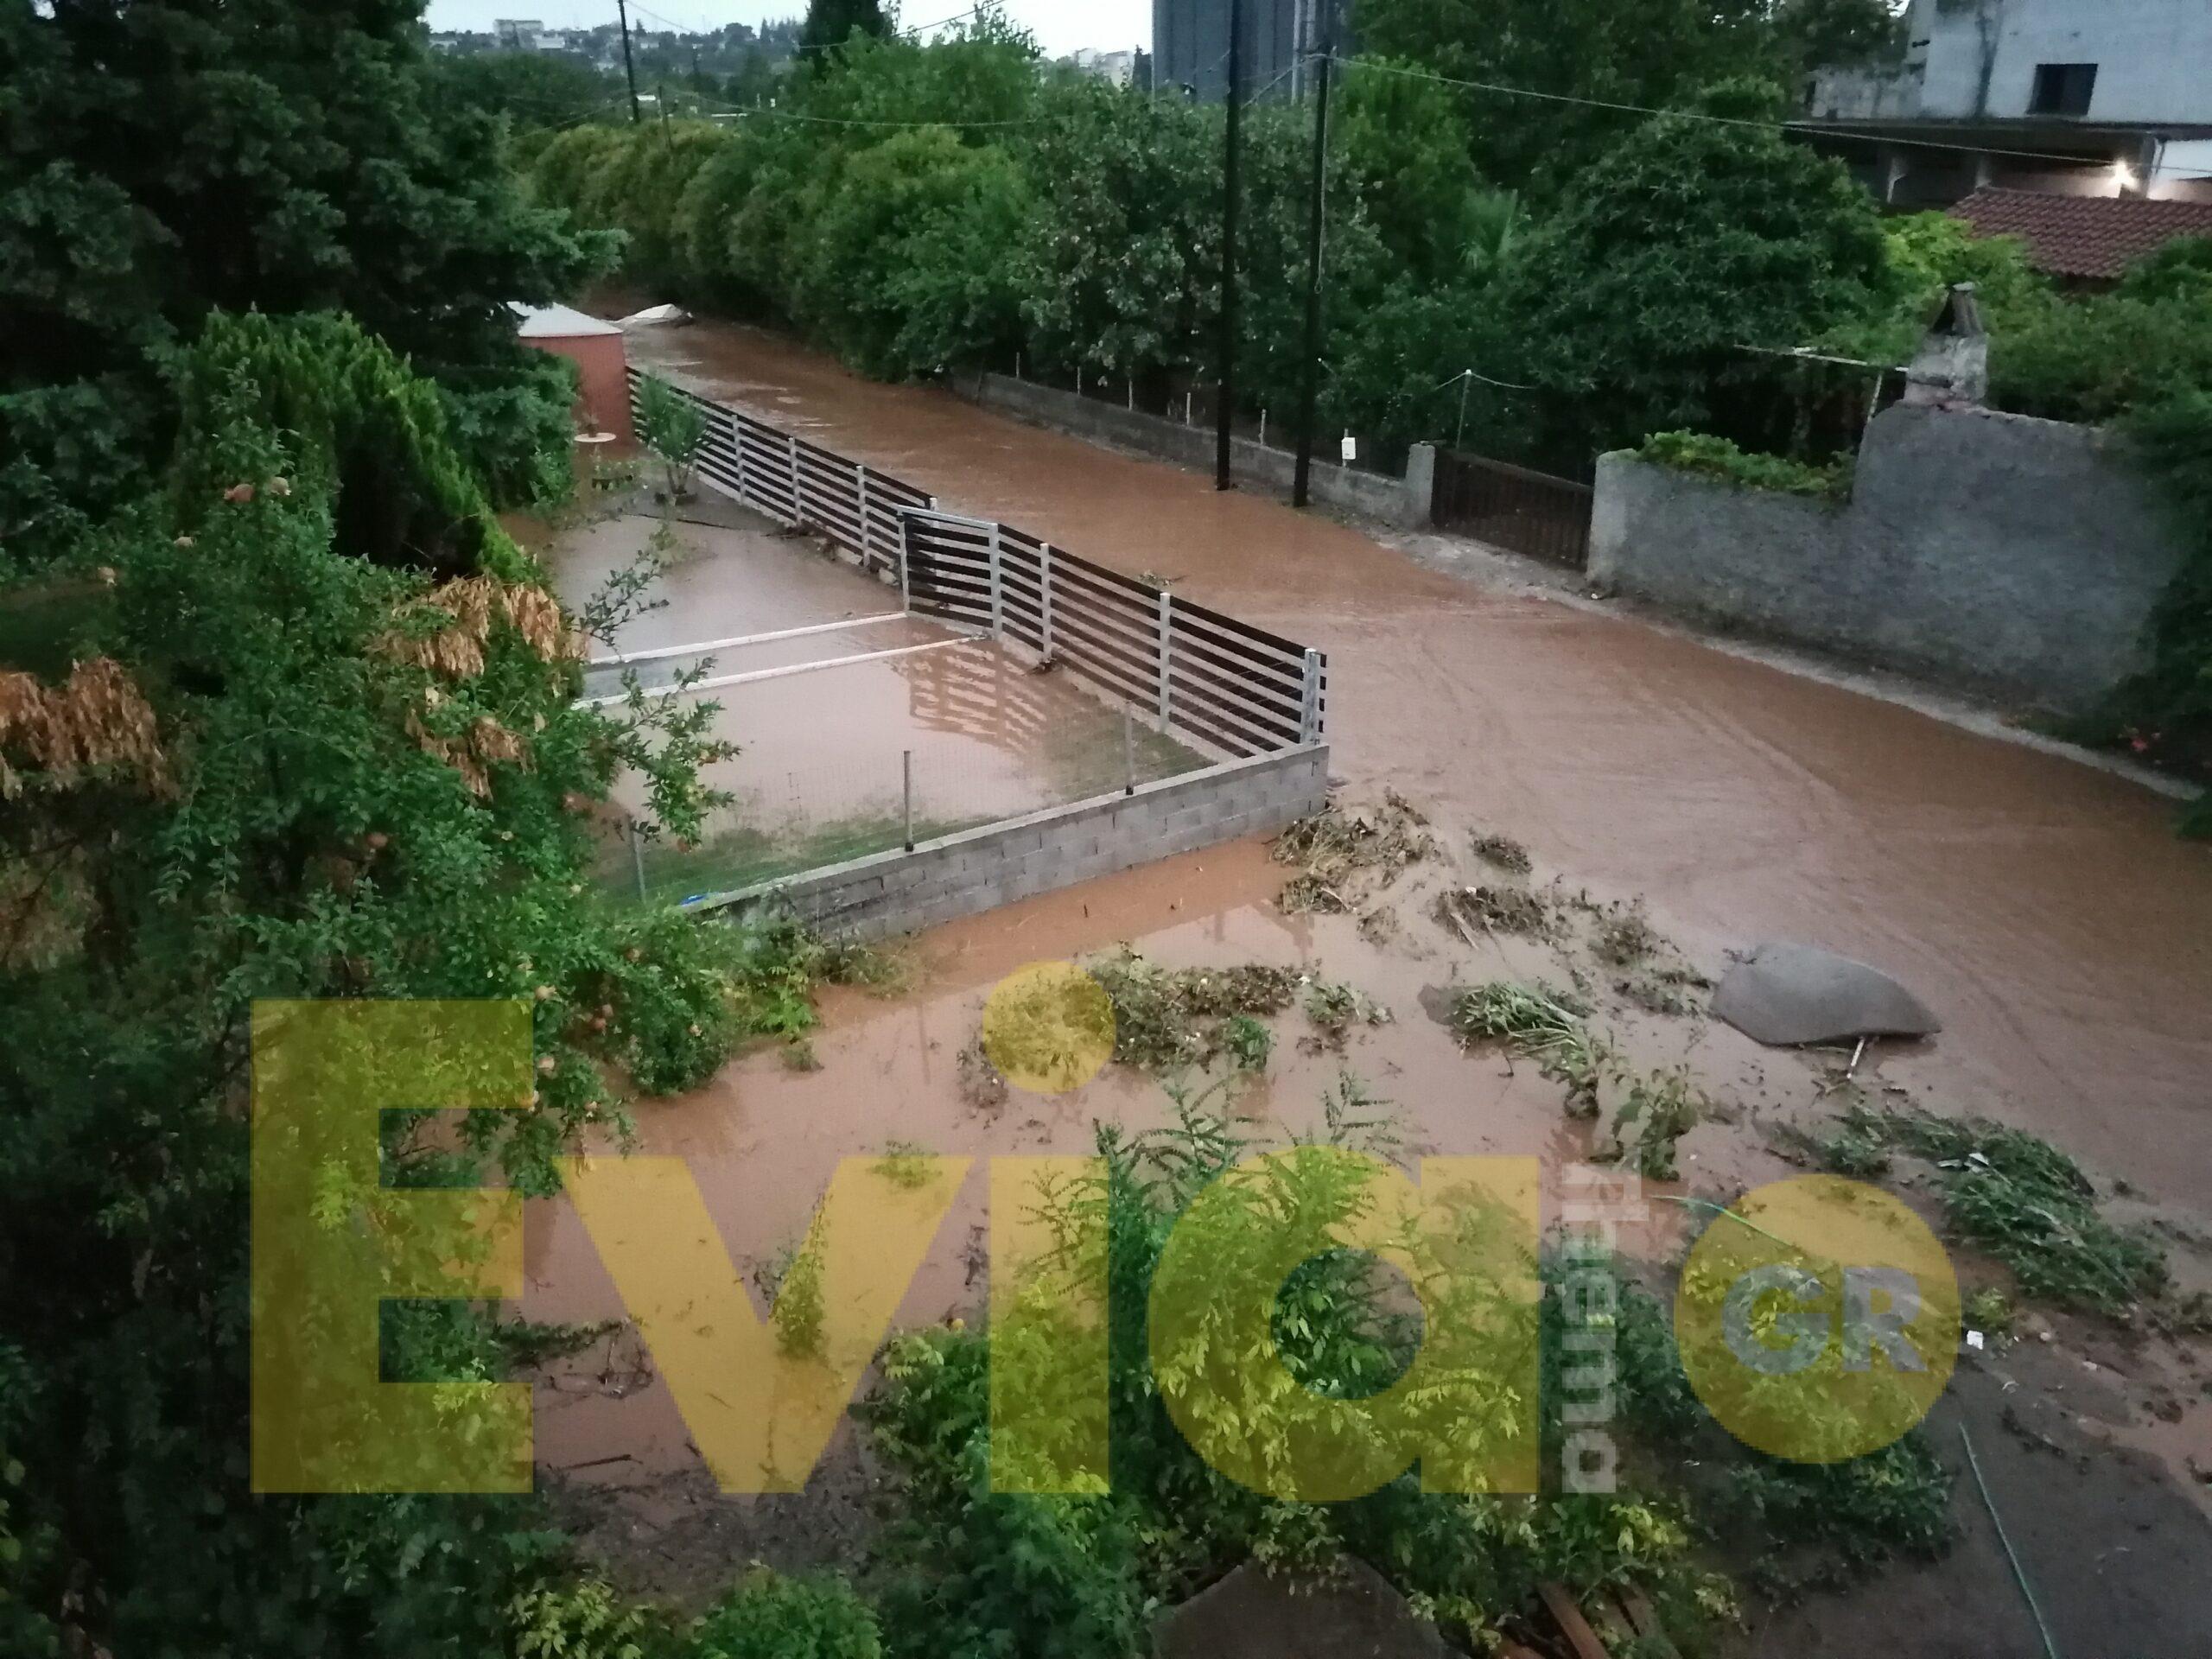 Φονικές πλημμύρες στην Εύβοια: Οι αιτίες που οδήγησαν στις πλημμύρες, Φονικές πλημμύρες στην Εύβοια: Οι αιτίες που οδήγησαν στις πλημμύρες και δύο προτάσεις για να μην ξανασυμβούν, Eviathema.gr | ΕΥΒΟΙΑ ΝΕΑ - Νέα και ειδήσεις από όλη την Εύβοια